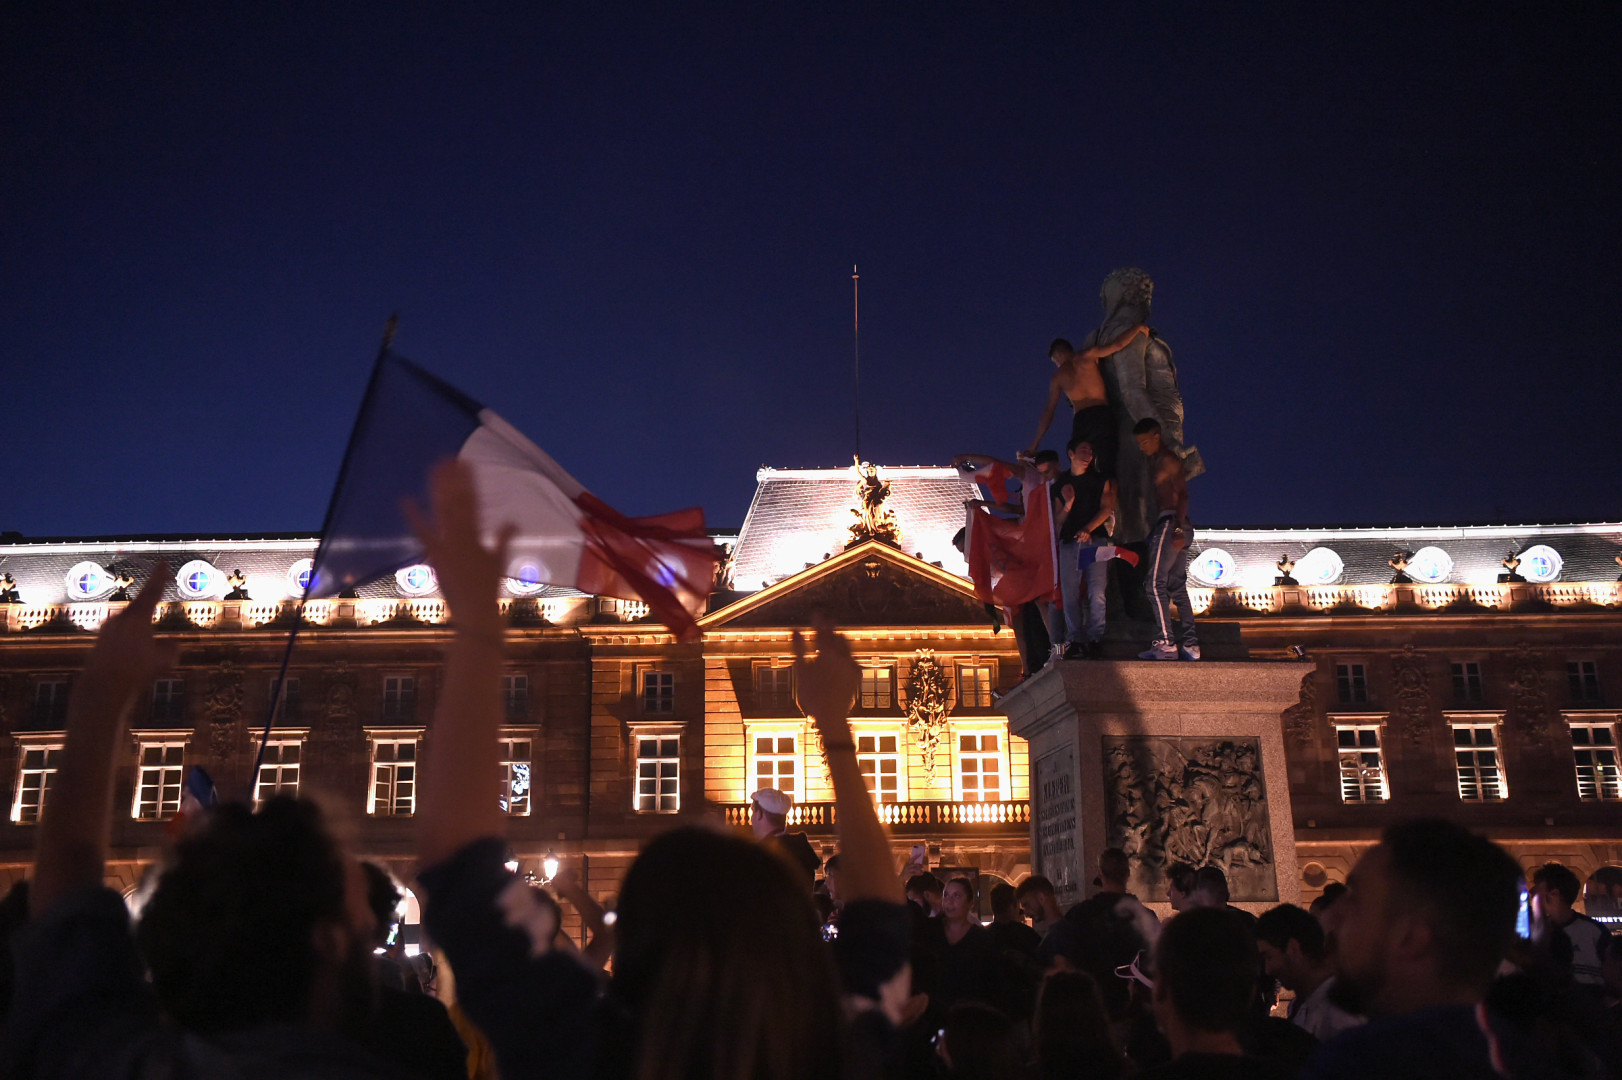 À Strasbourg, la place de l'Hôtel de Ville était comble. Les supporters étaient en liesse ce mardi 10 juillet au soir.